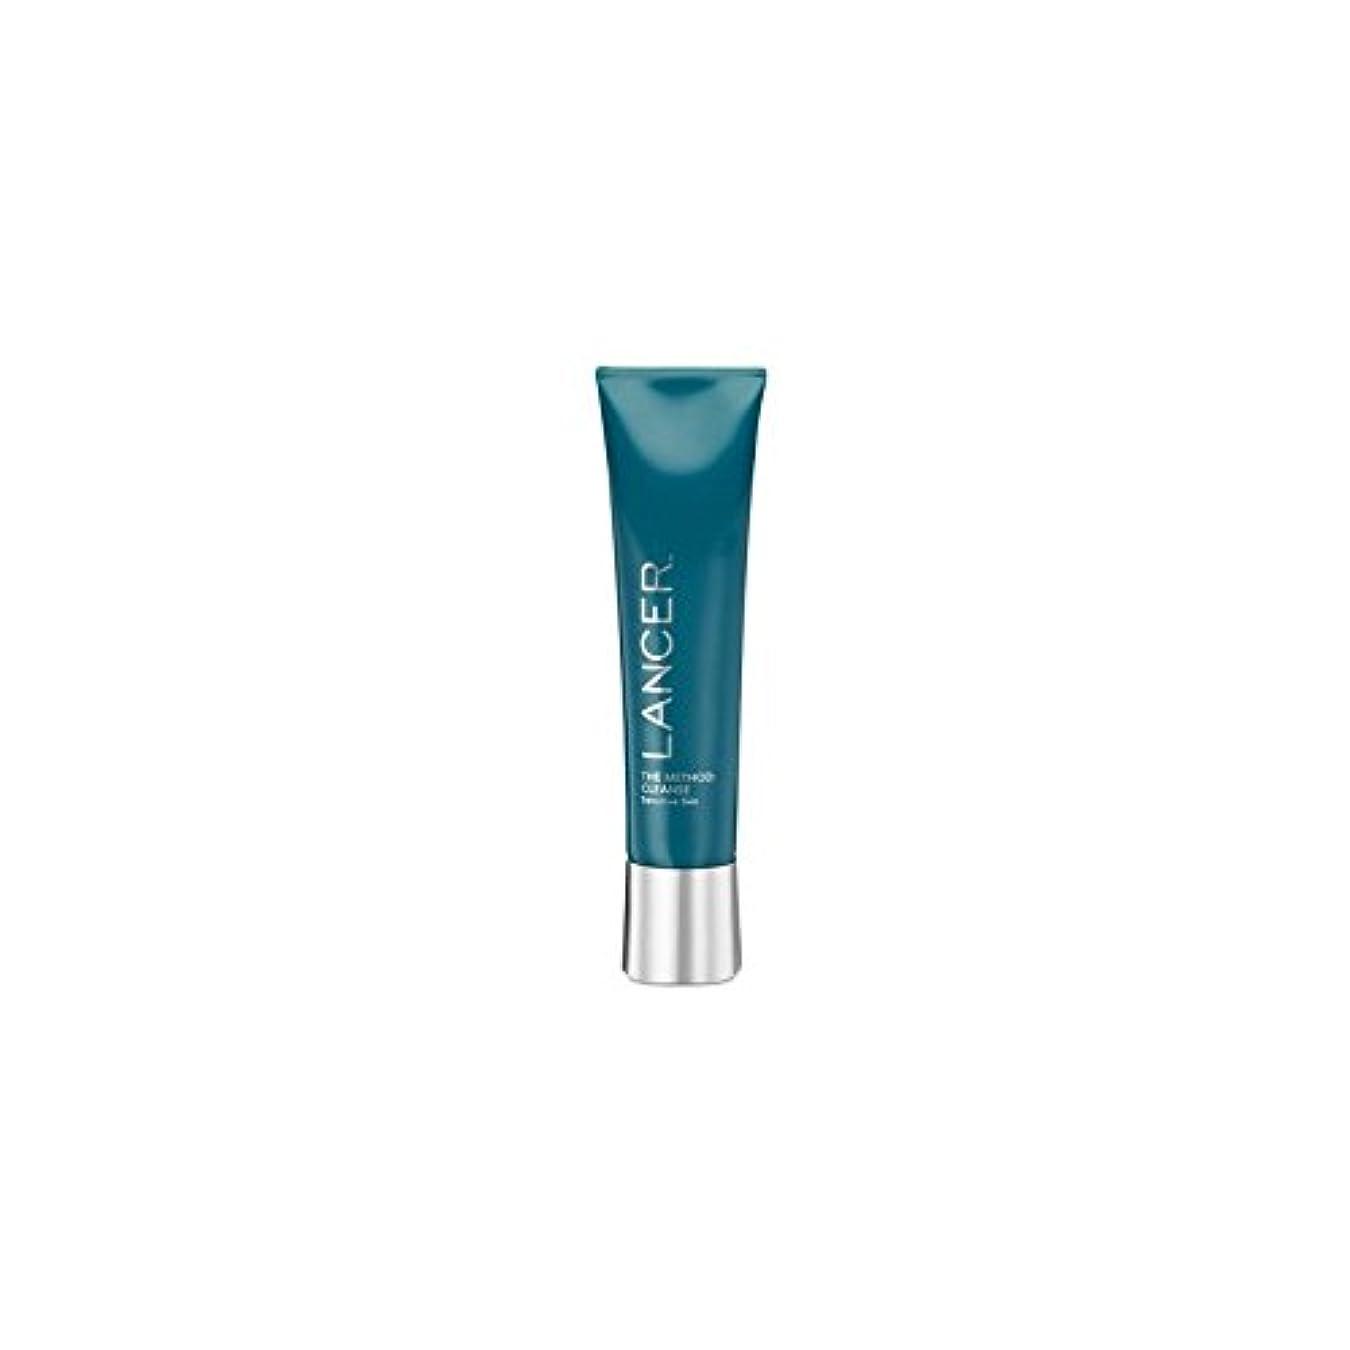 防ぐメロン収容するLancer Skincare The Method: Cleanser Sensitive Skin (120ml) (Pack of 6) - クレンザー敏感肌(120ミリリットル):ランサーは、メソッドをスキンケア...